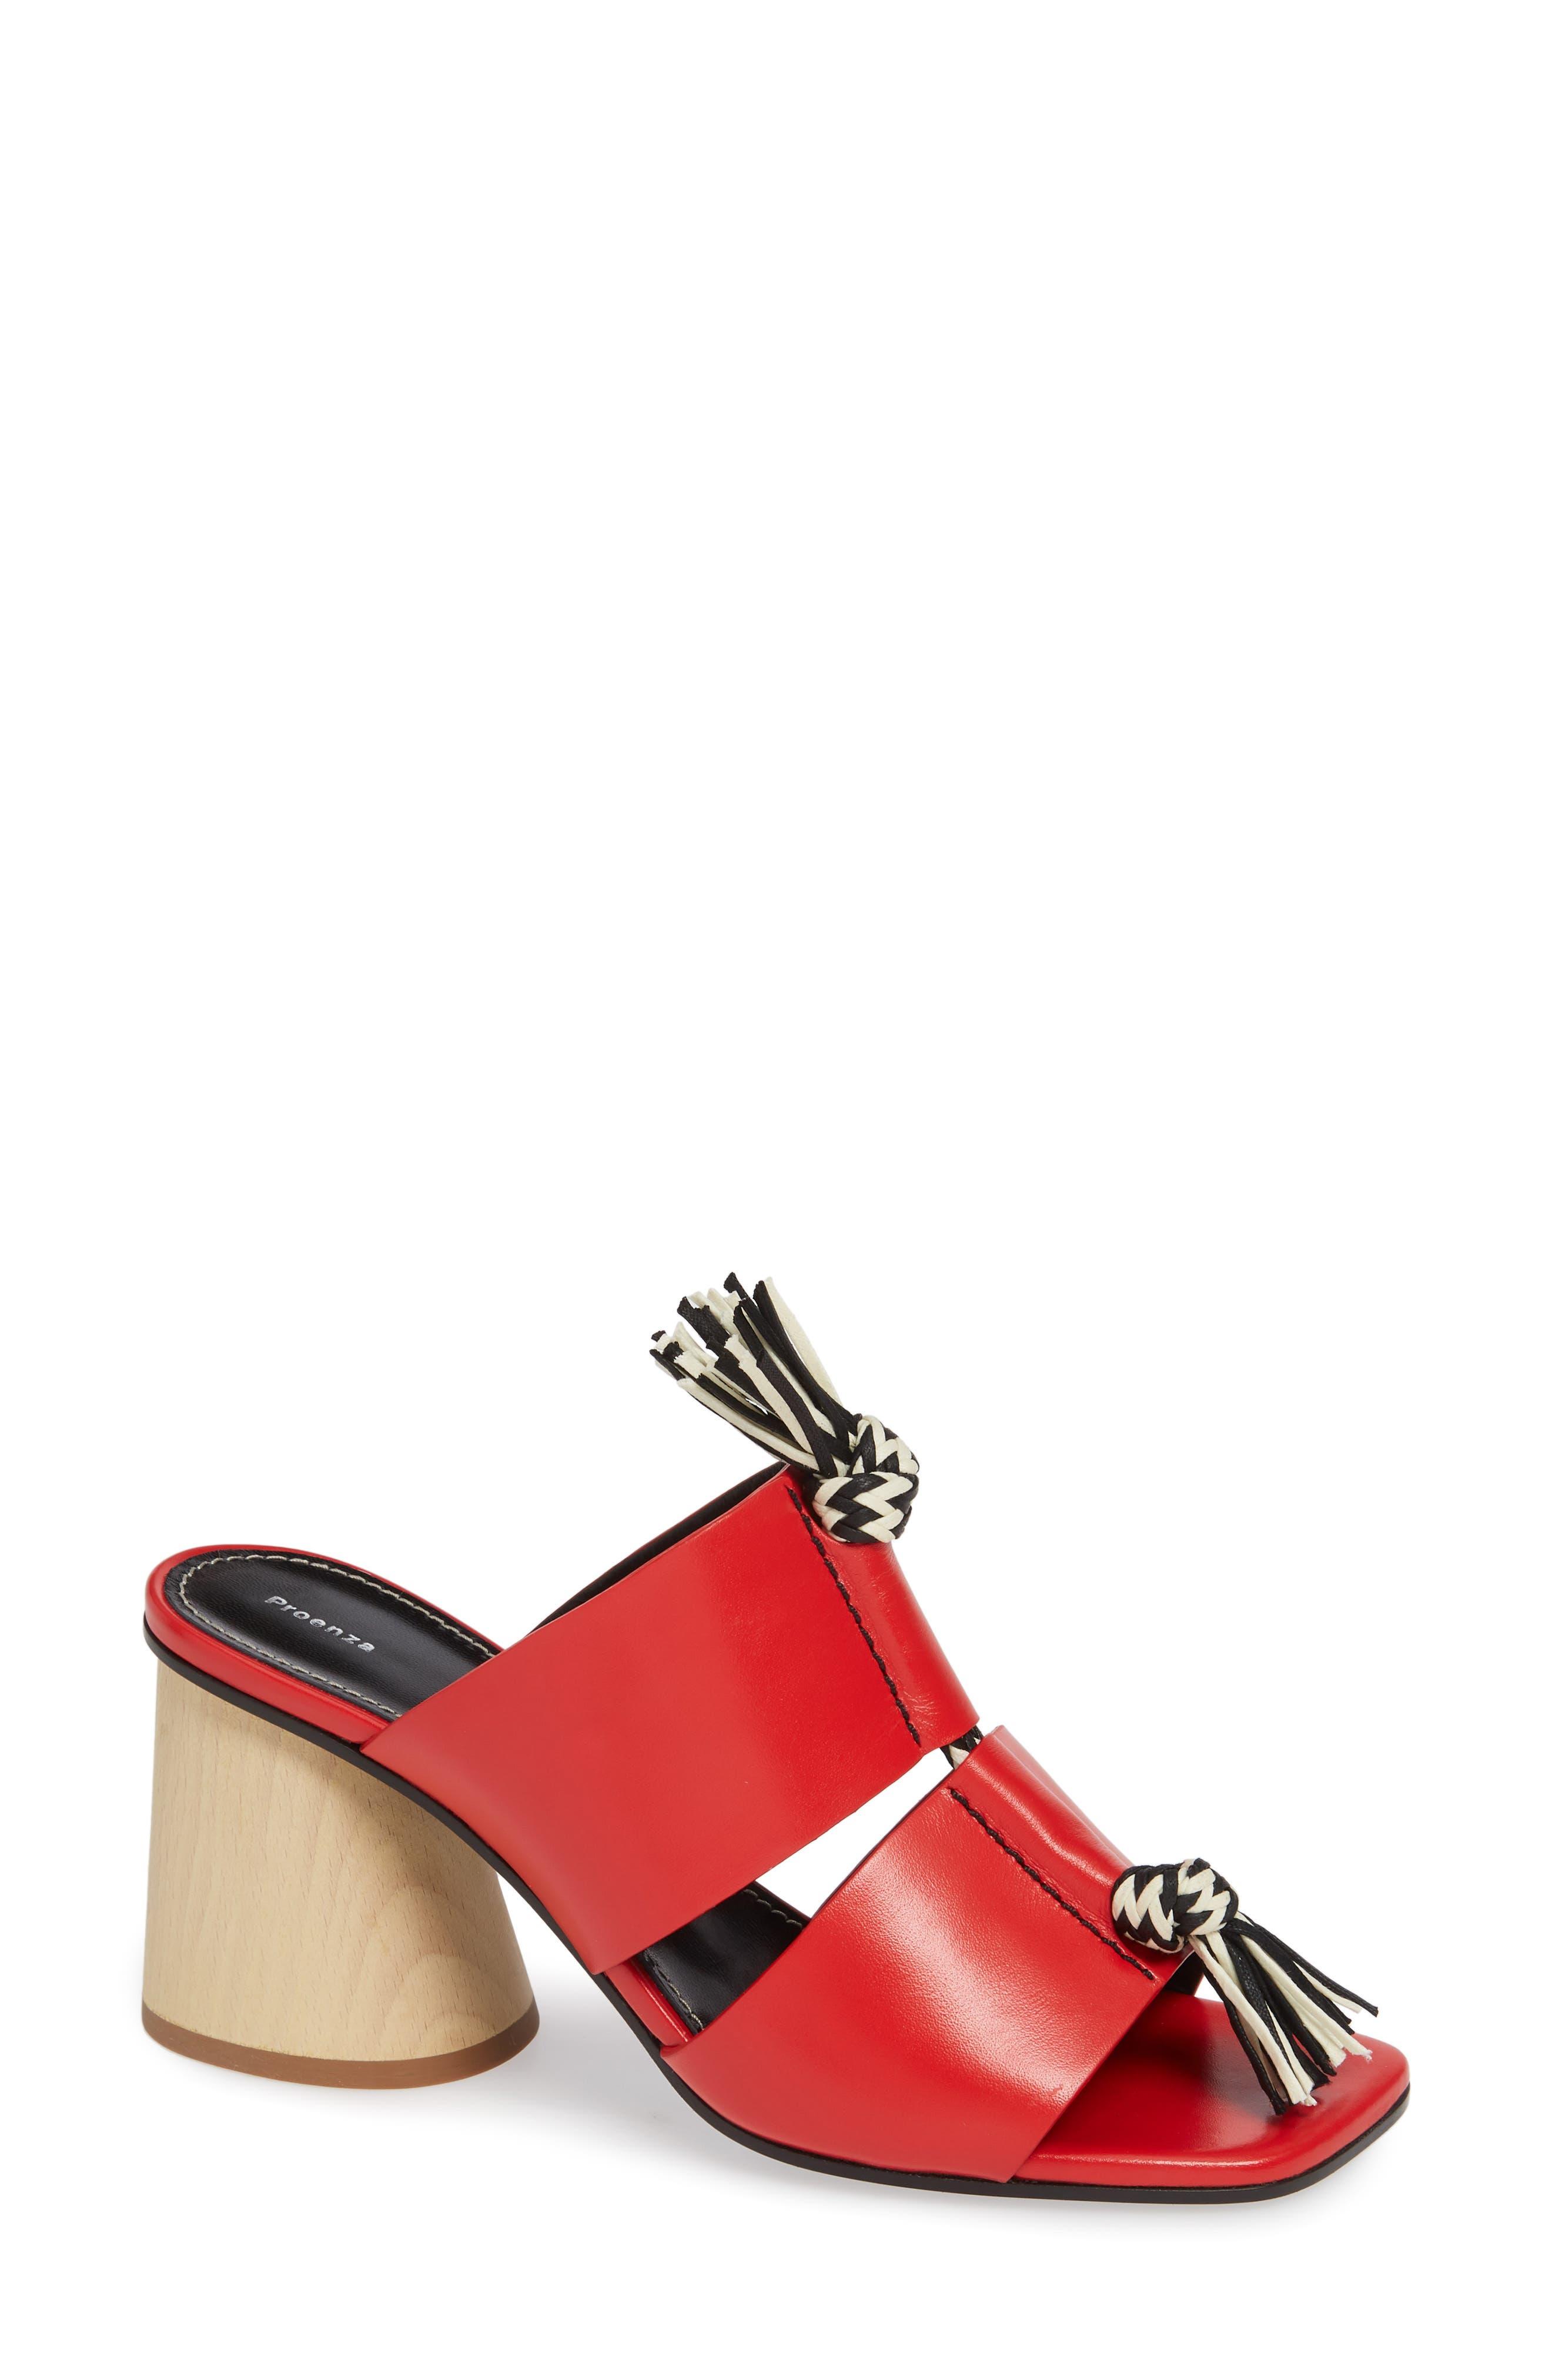 Proenza Schouler Cylinder Heel Slide Sandal, Red